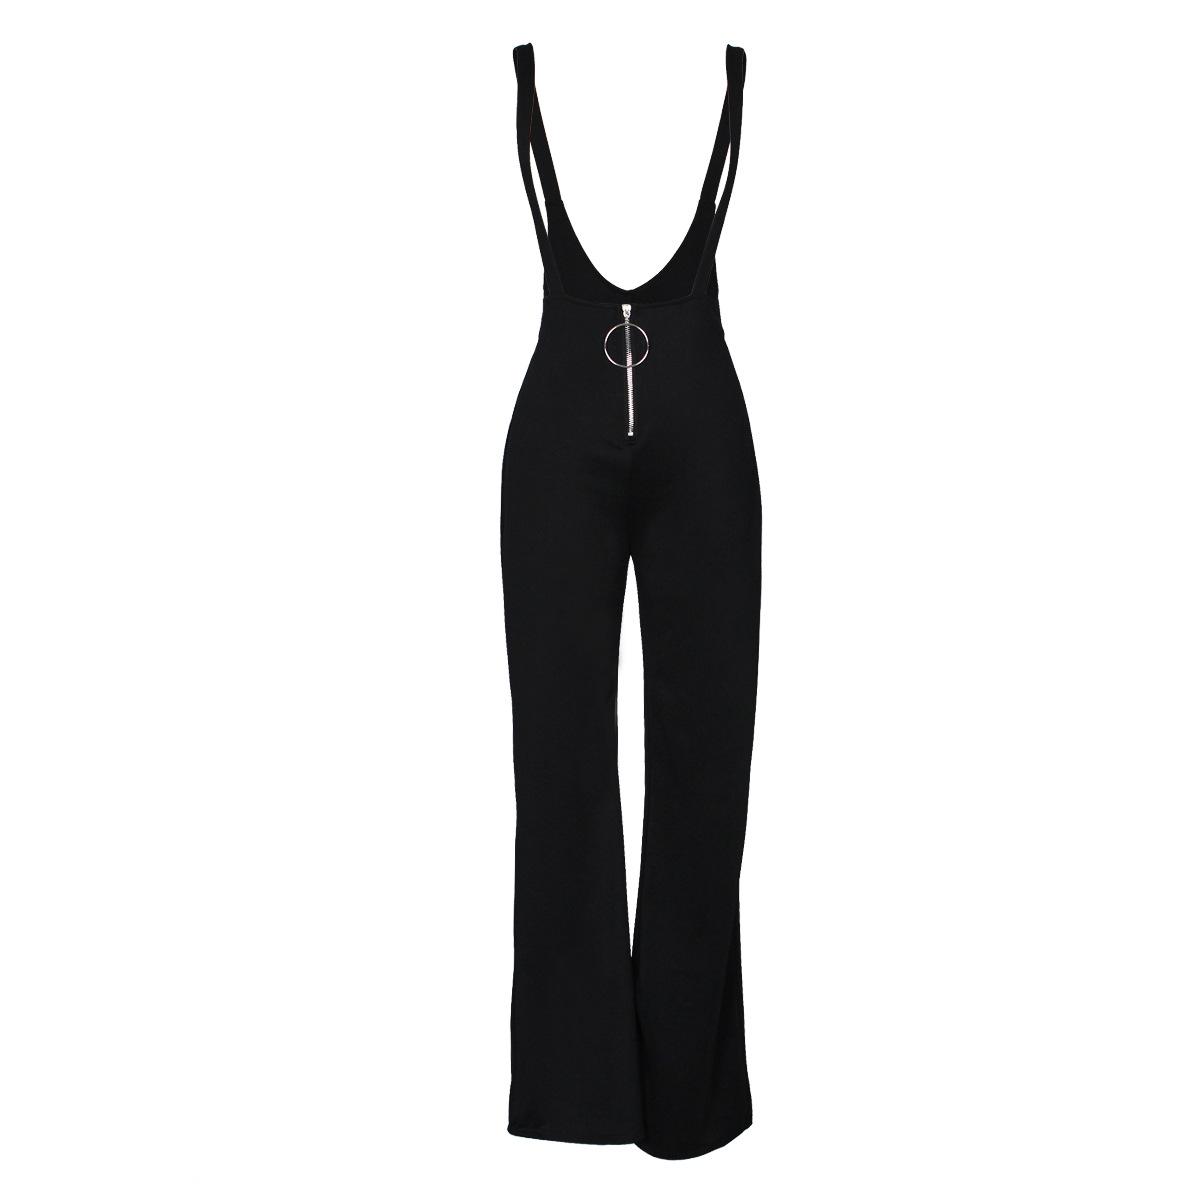 Sexy High Waist Zipper Design Black Polyester Suspender Pants